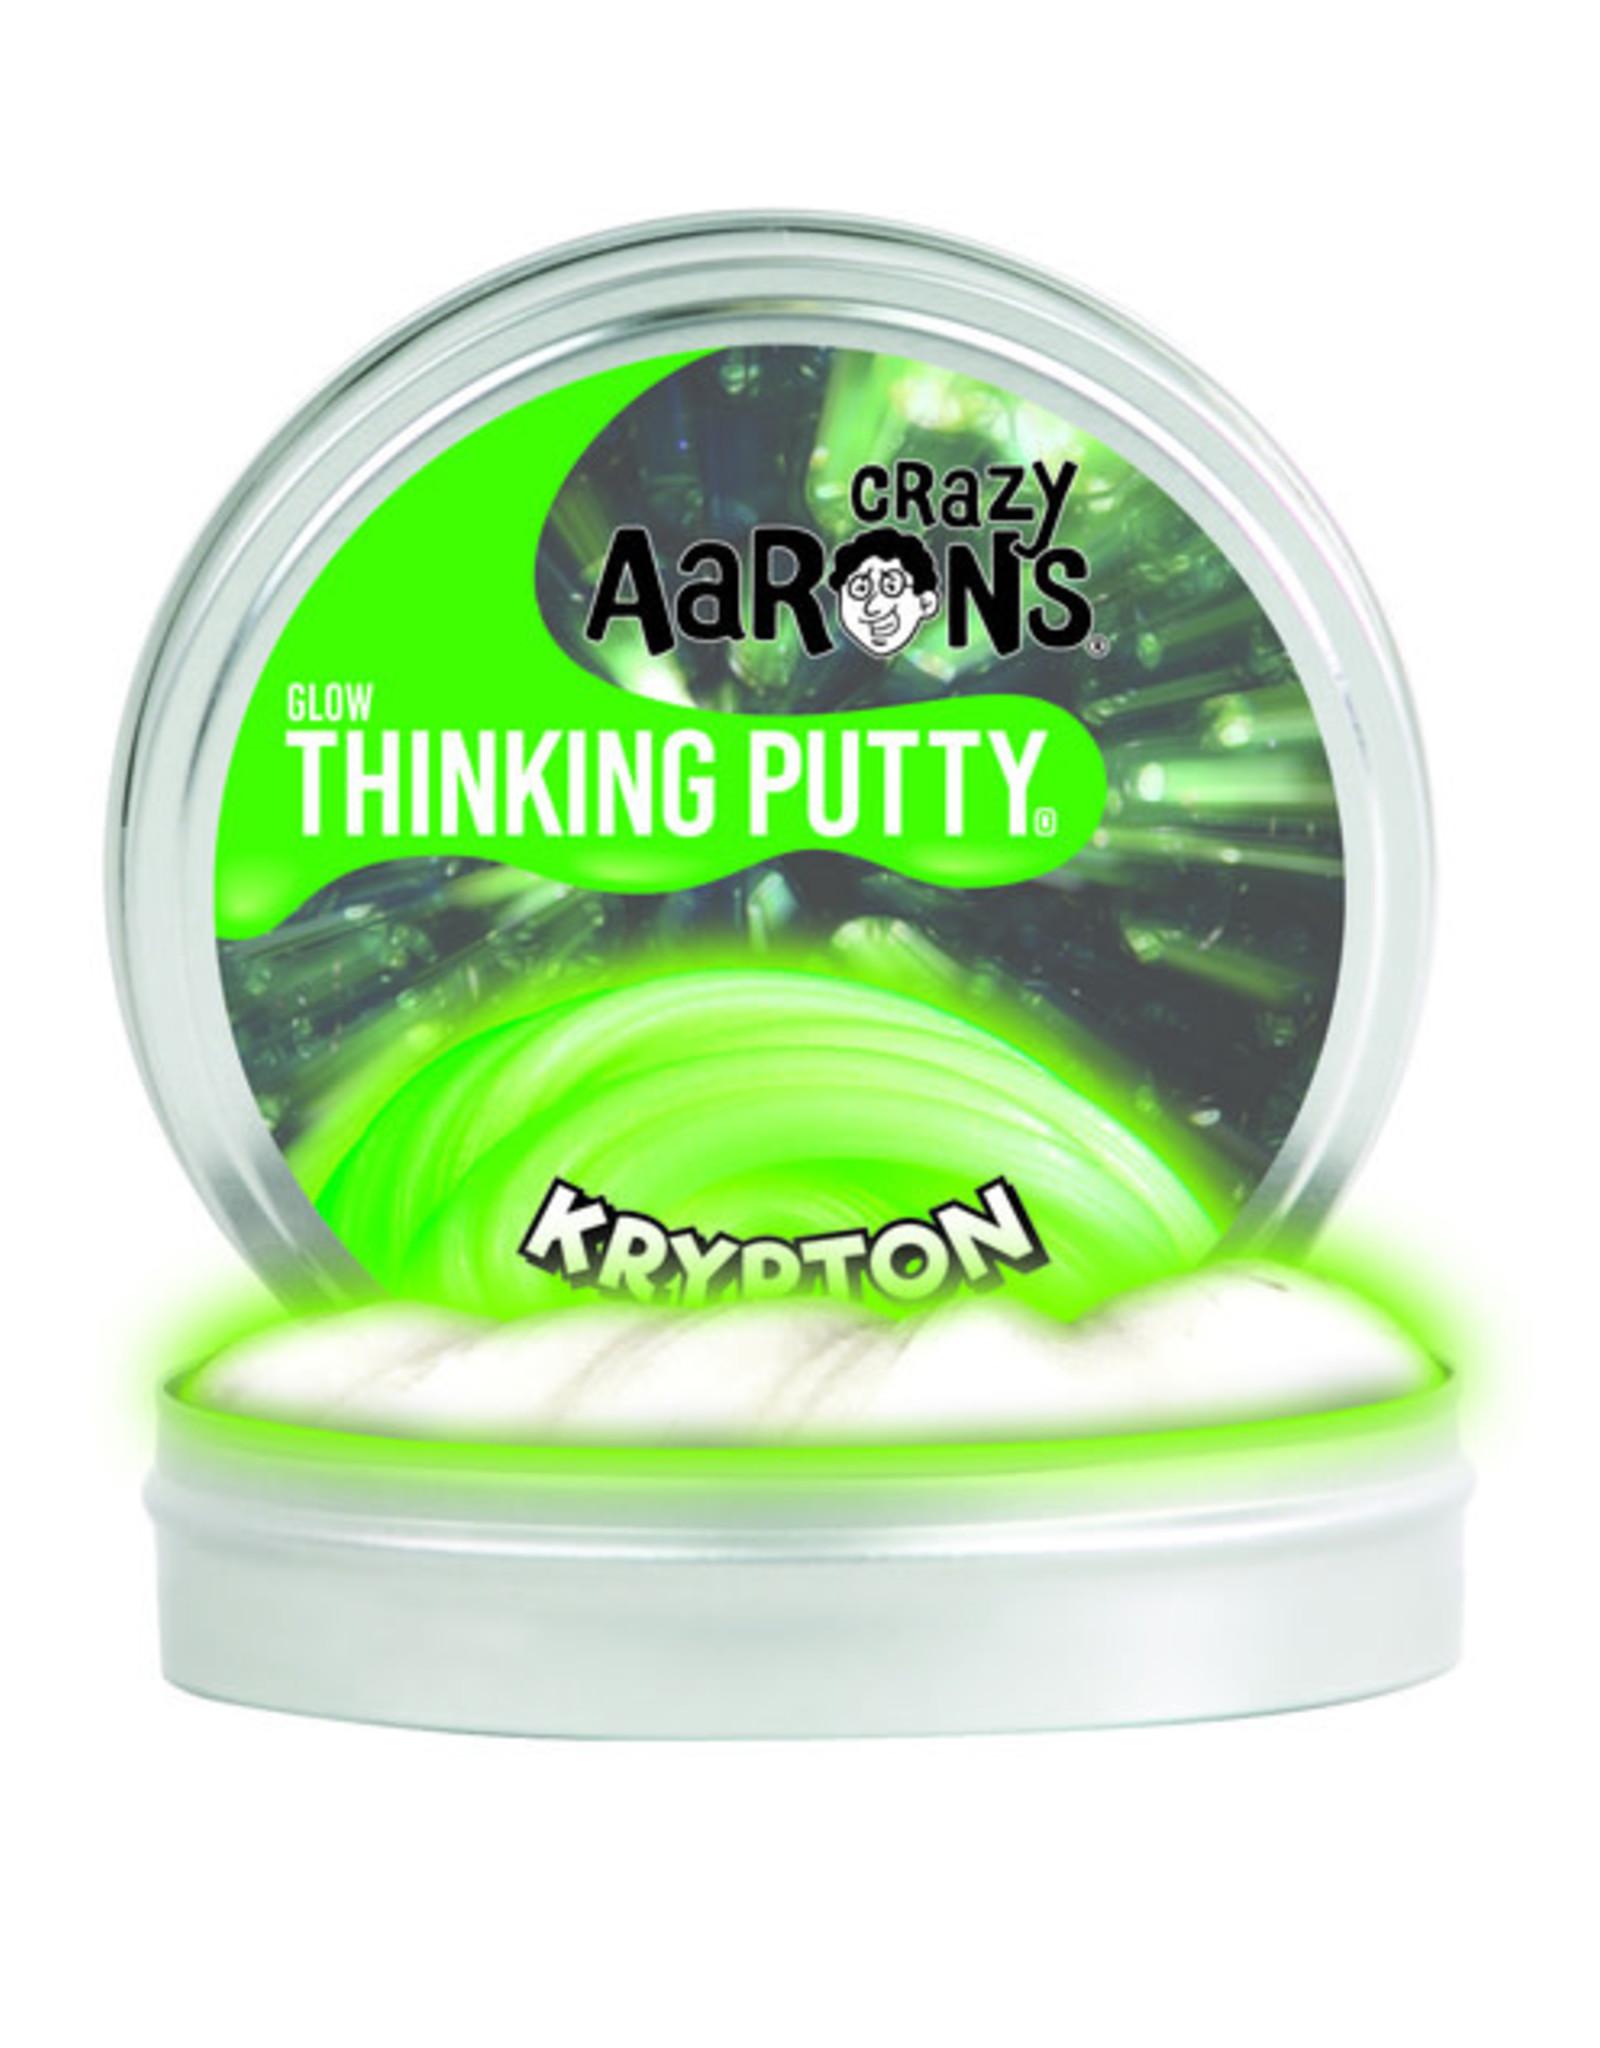 """Crazy Aaron's Thinking Putty 4"""" Krypton - Glow in the Dark"""